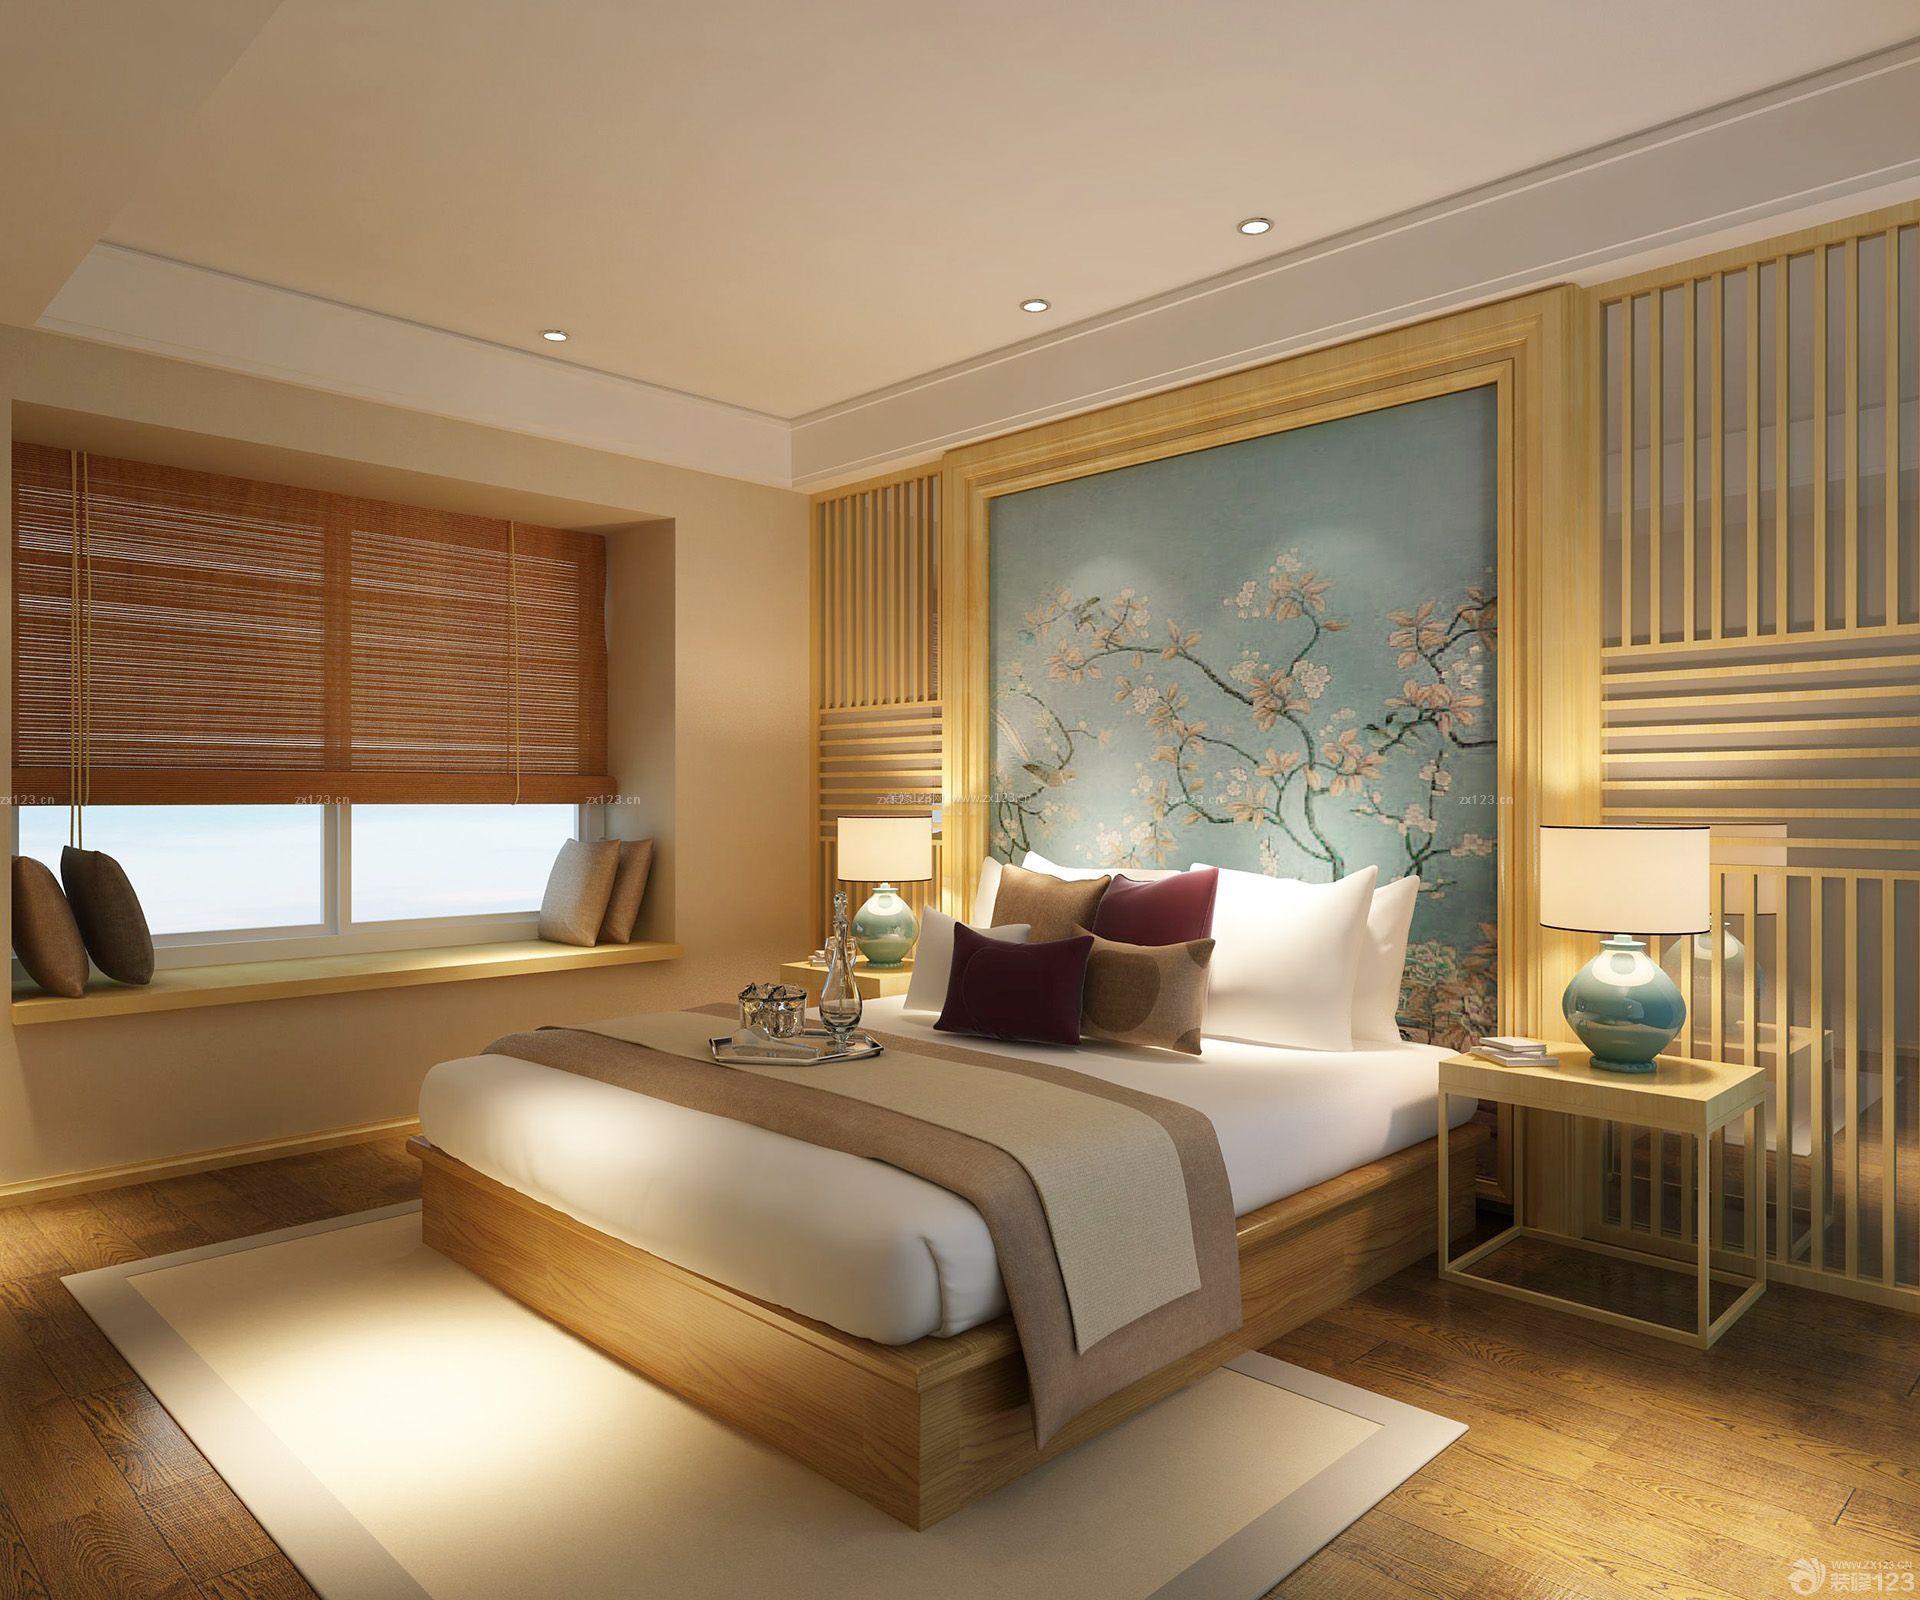 93平米中式壁画卧室房子装修效果图